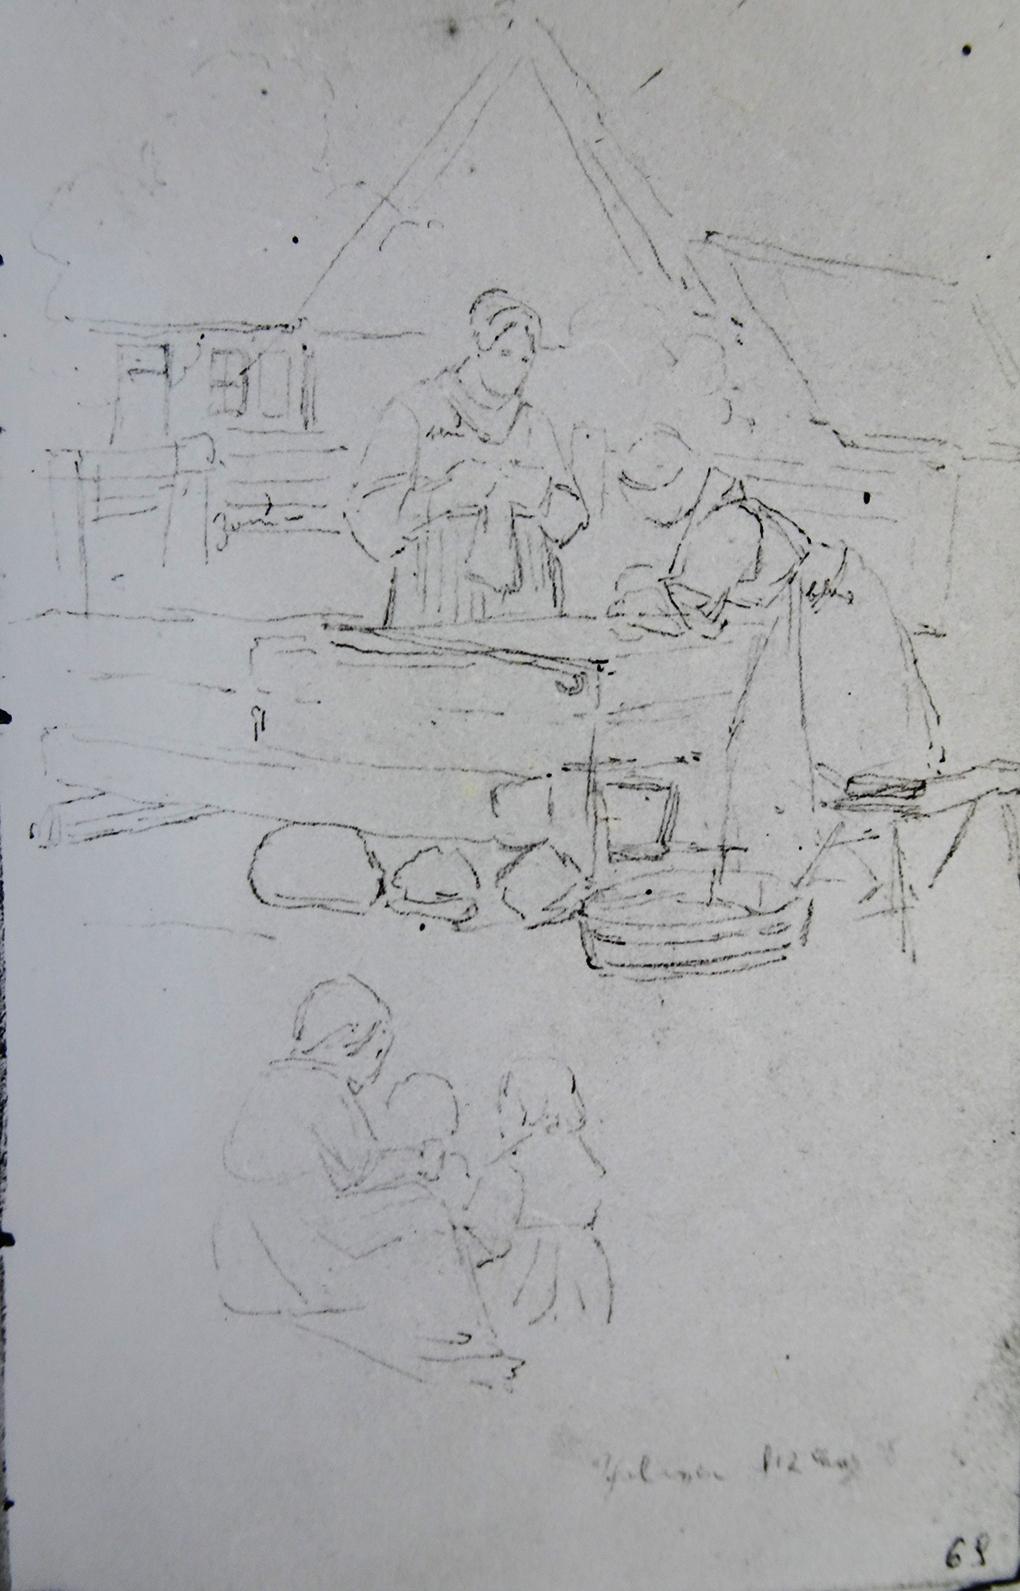 Ludwig Most, Praczki na podwórku zagrody w Skolwinie, 12.06.1838, ołówek, papier czerpany, Szkicownik nr 6, karta 69, Muzeum Narodowe w Szczecinie